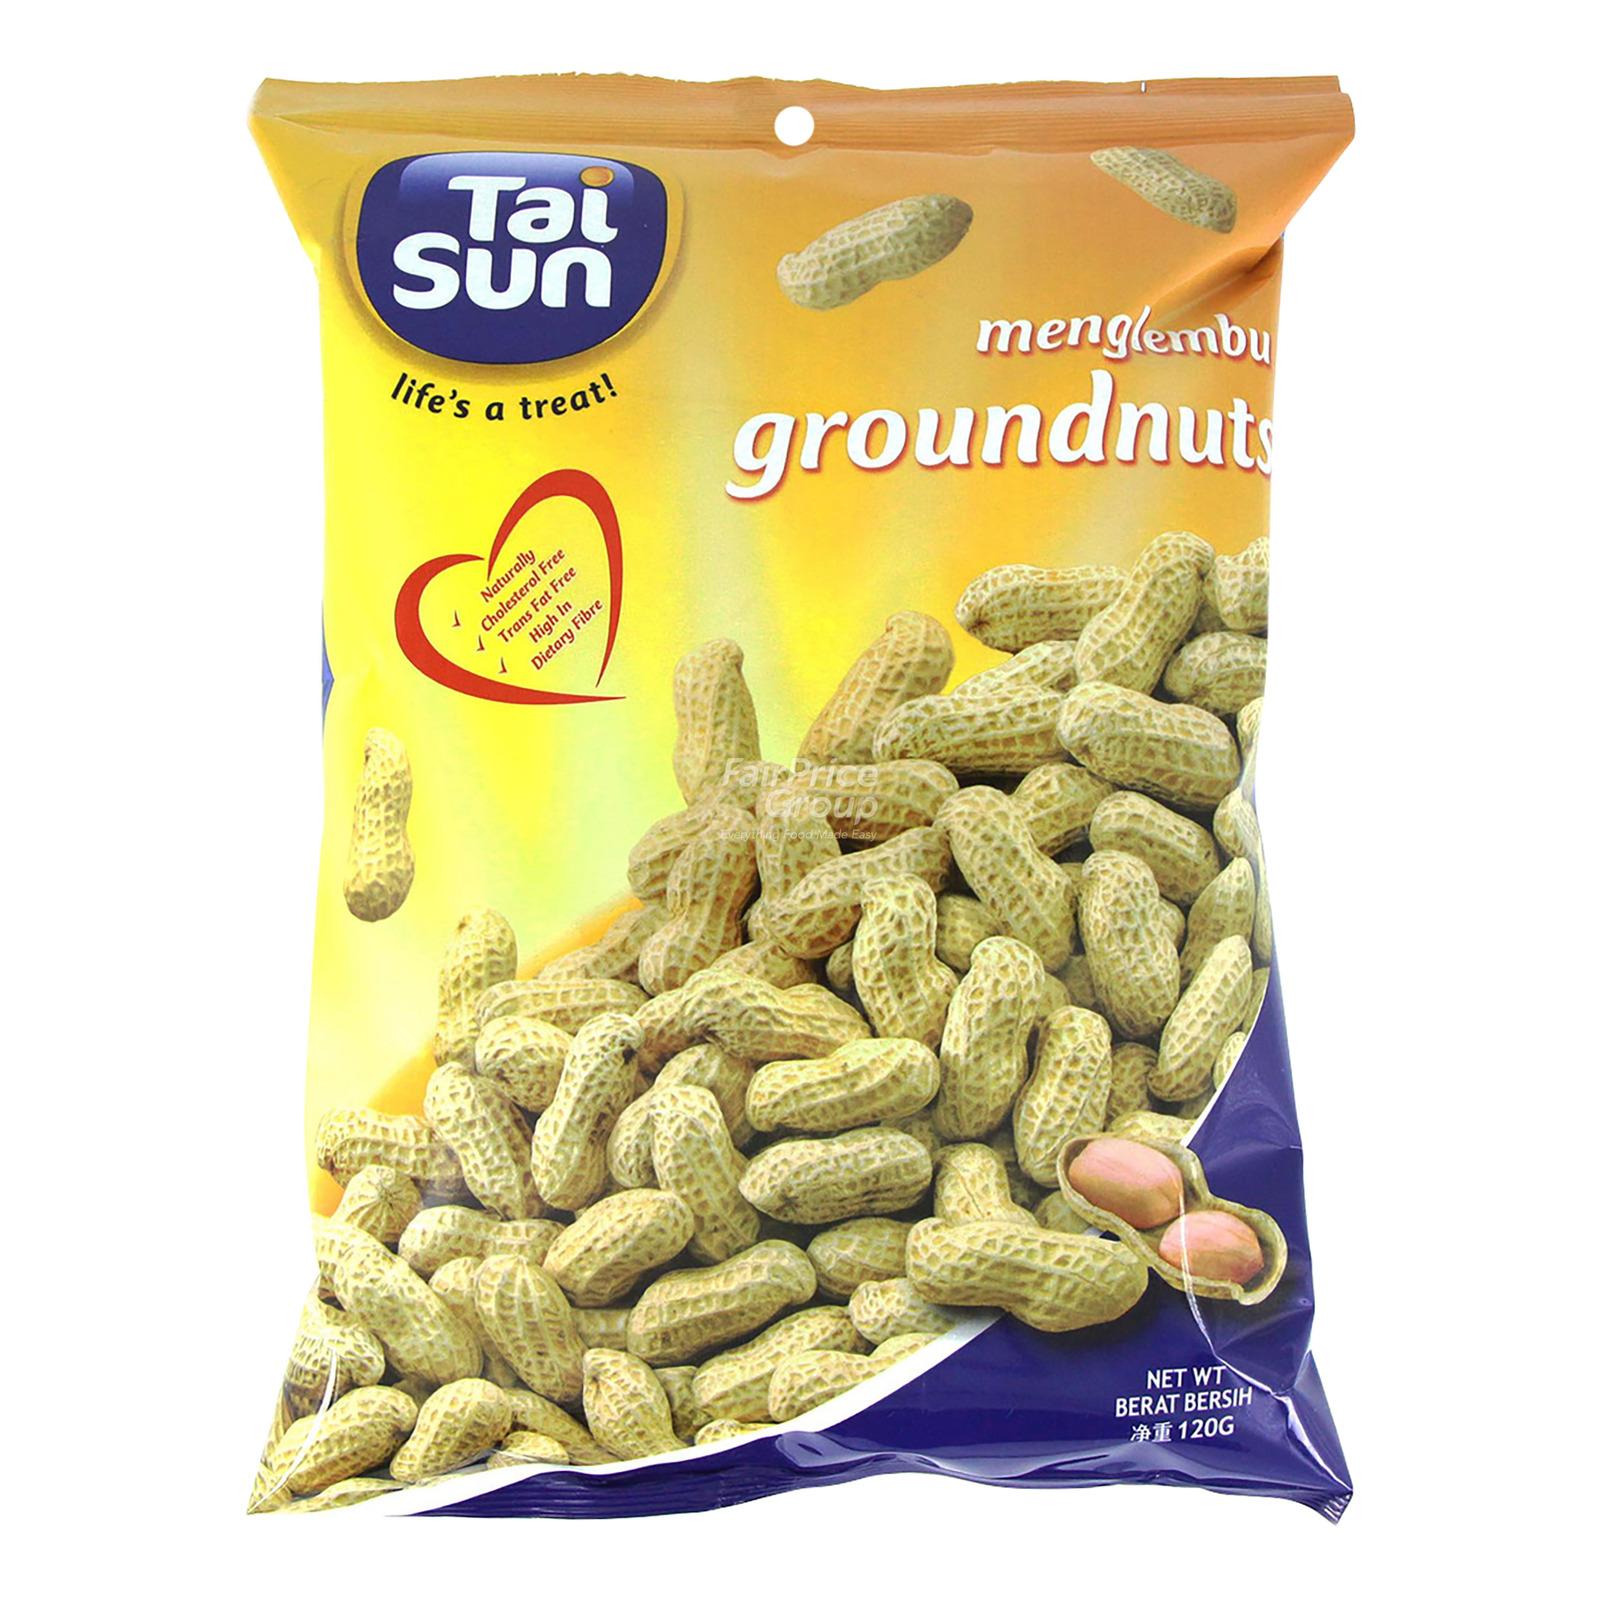 Tai Sun Menglembu Groundnuts